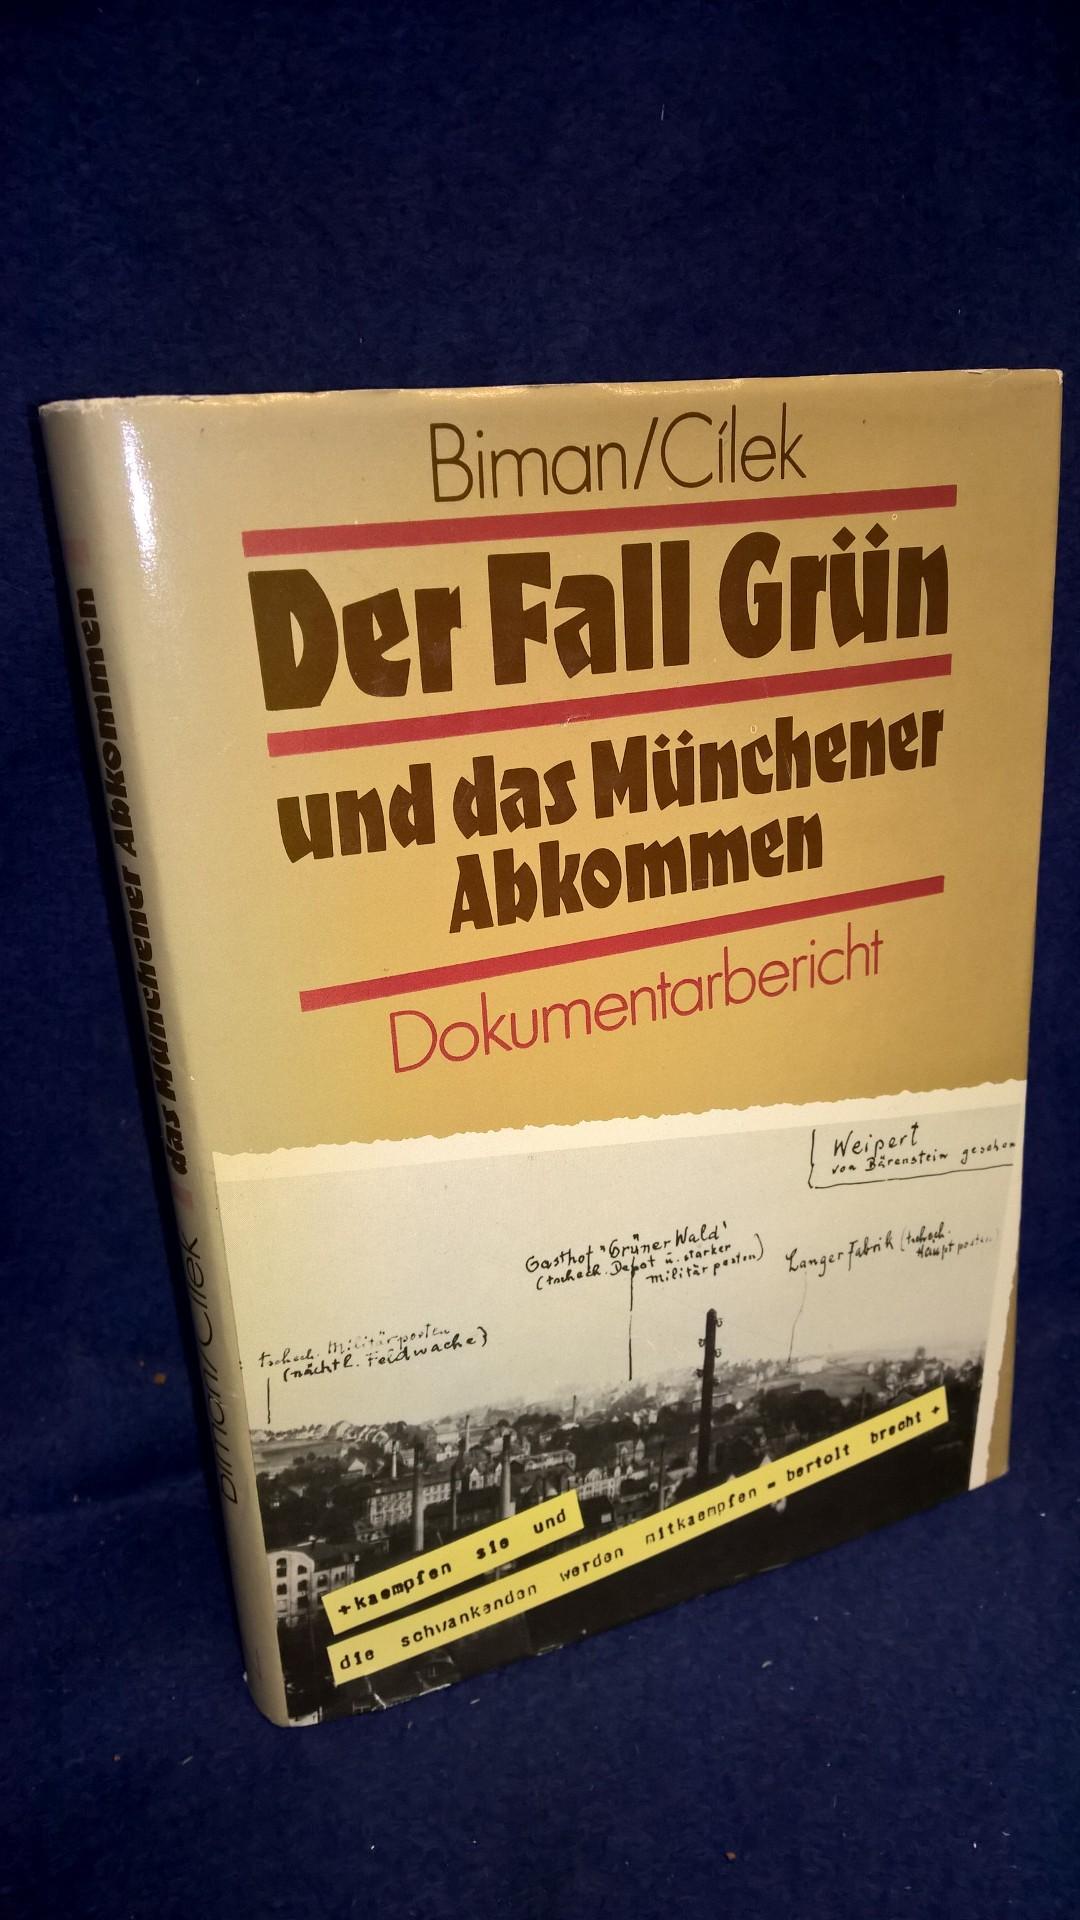 Der Fall Grün und das Münchner Abkommen. Ein Dokumentarbericht.